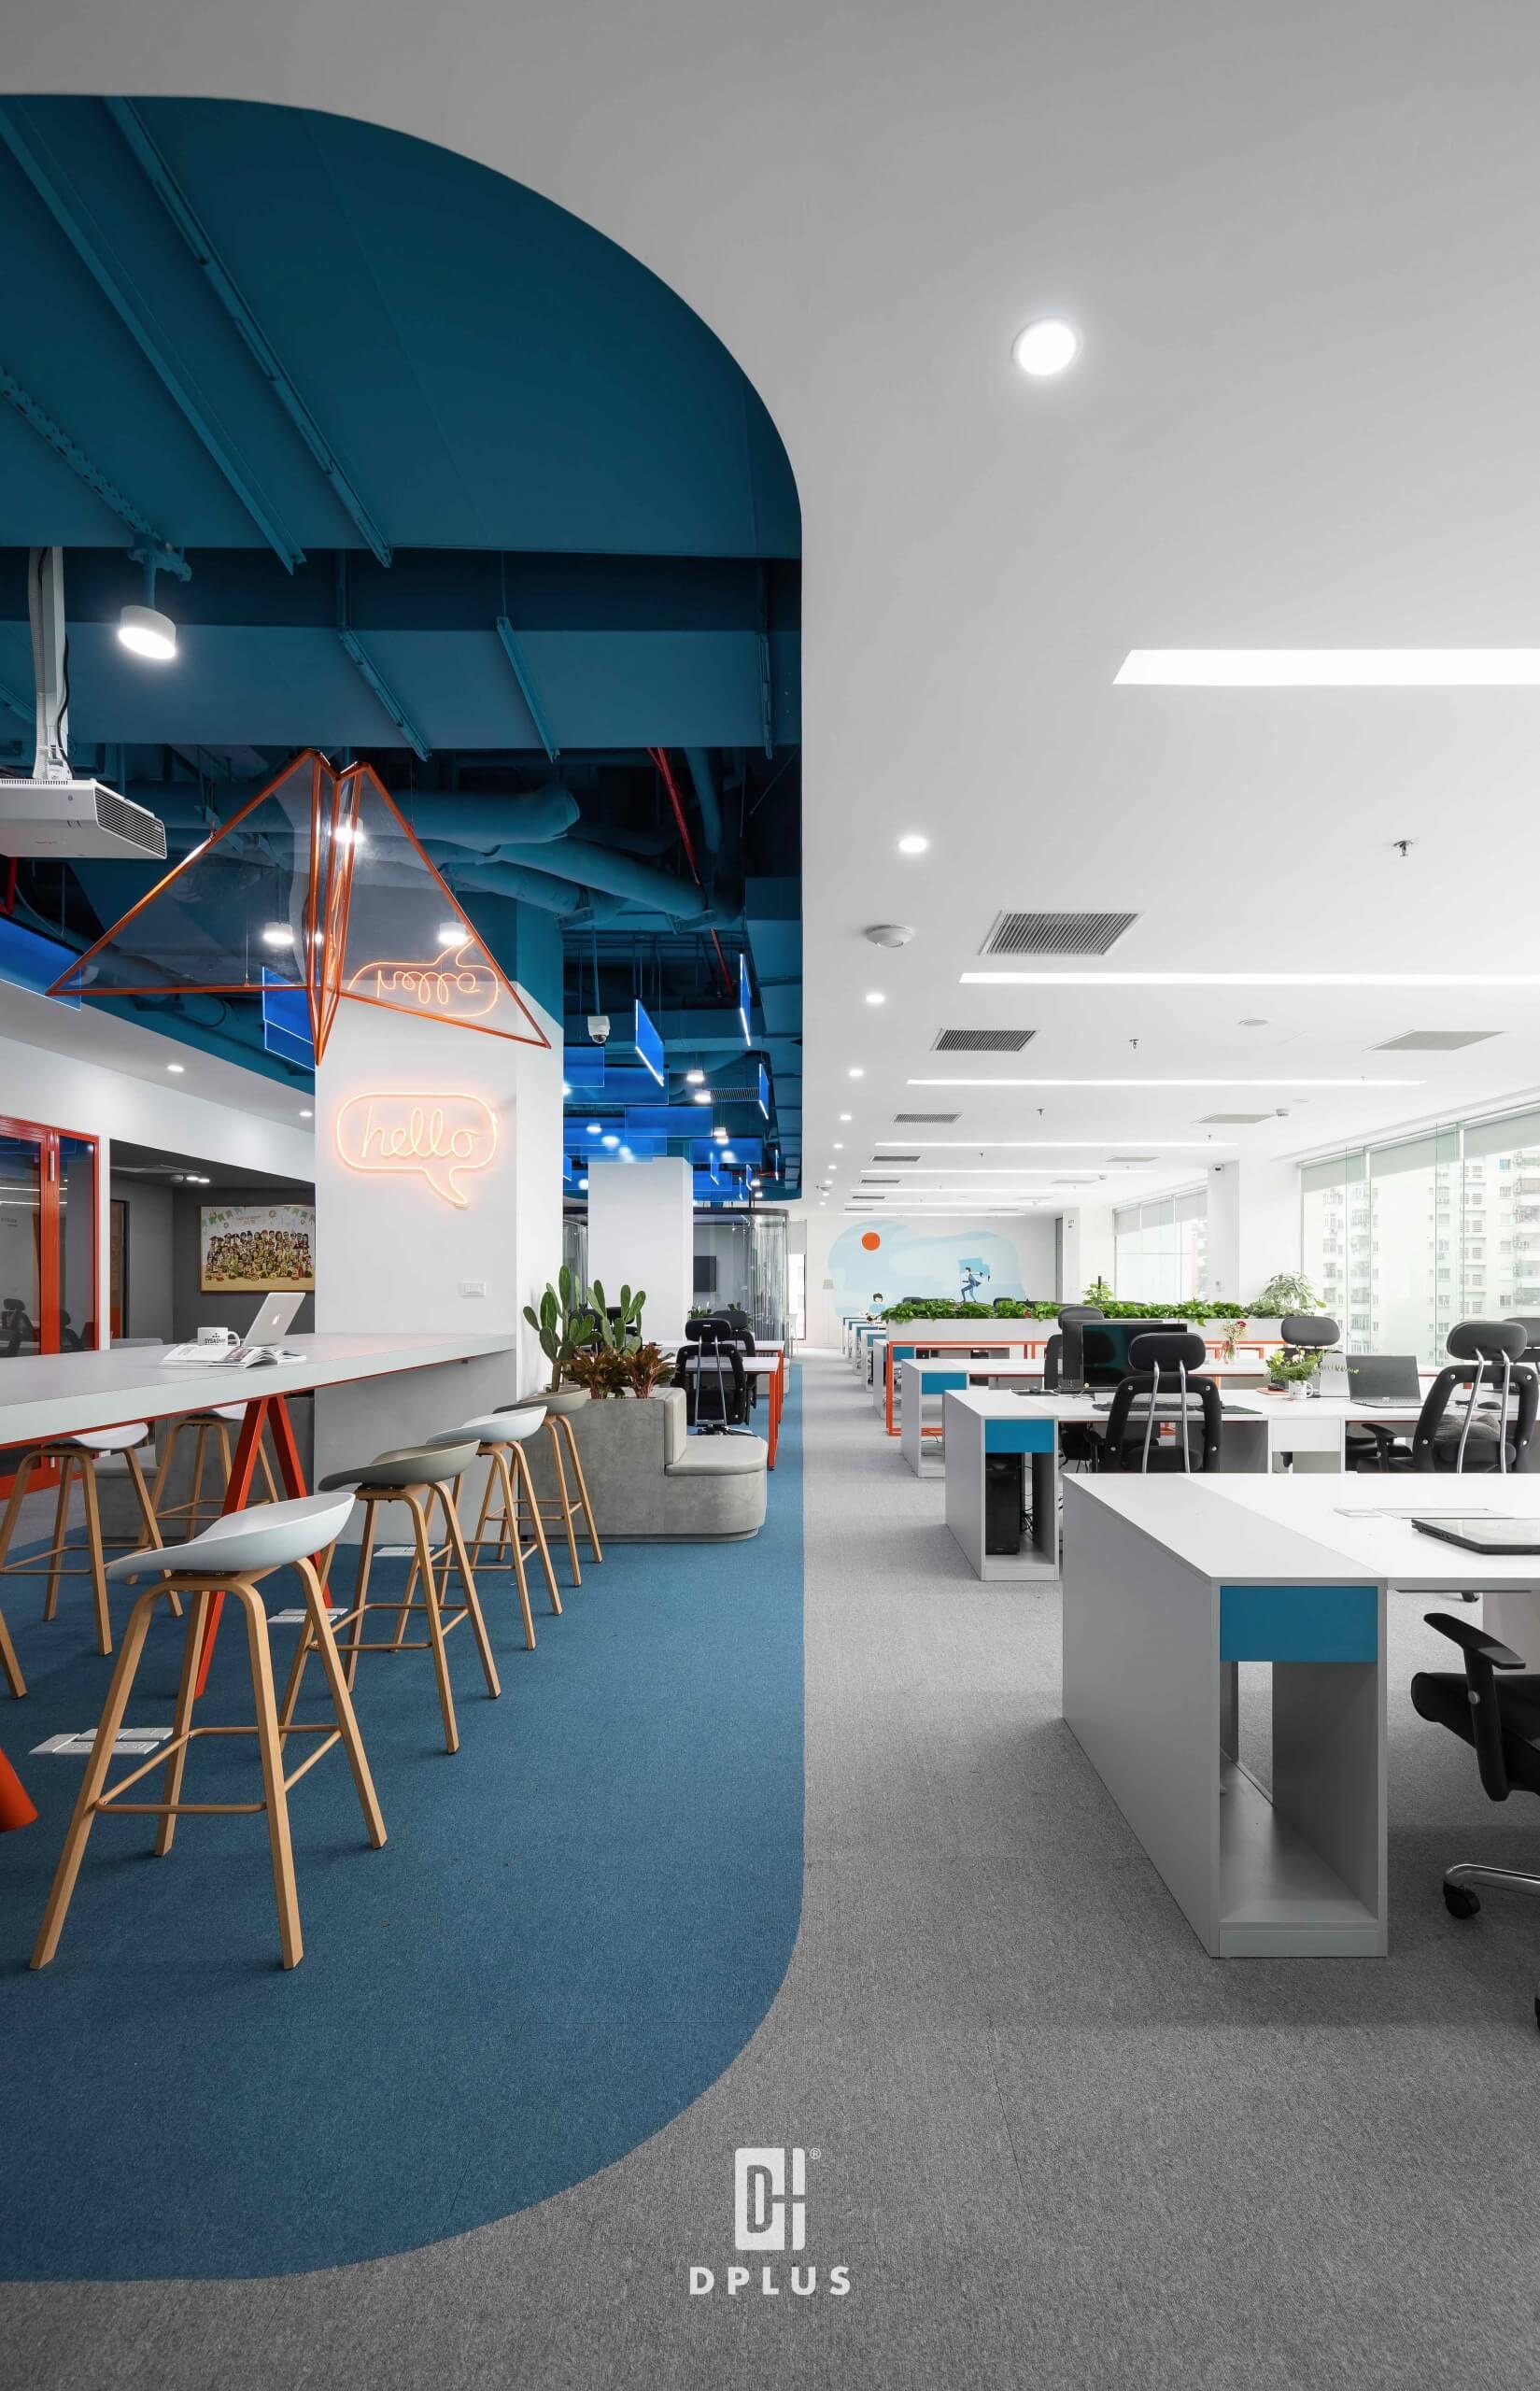 Văn phòng DLS khéo léo sử dụng màu sắc và độ cong trần nhà tạo nên sự phân chia bố cục độc đáo